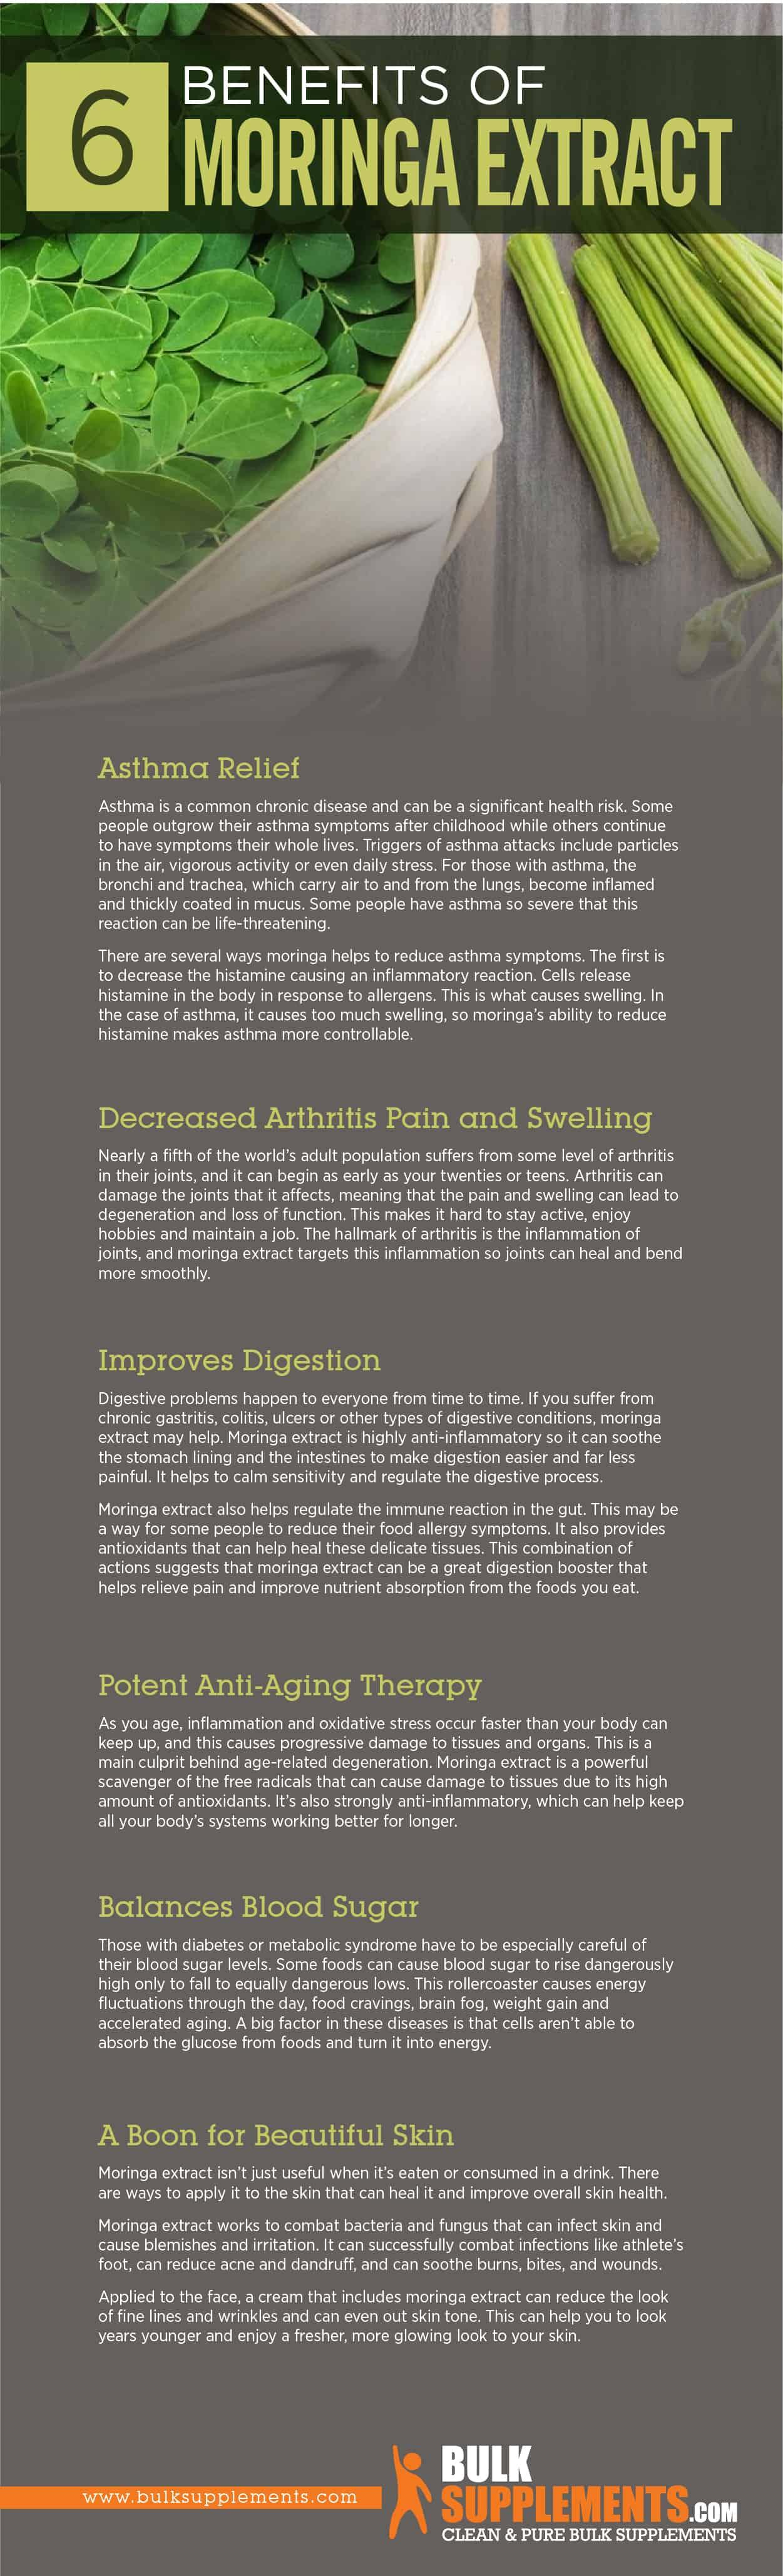 Moringa Extract Benefits